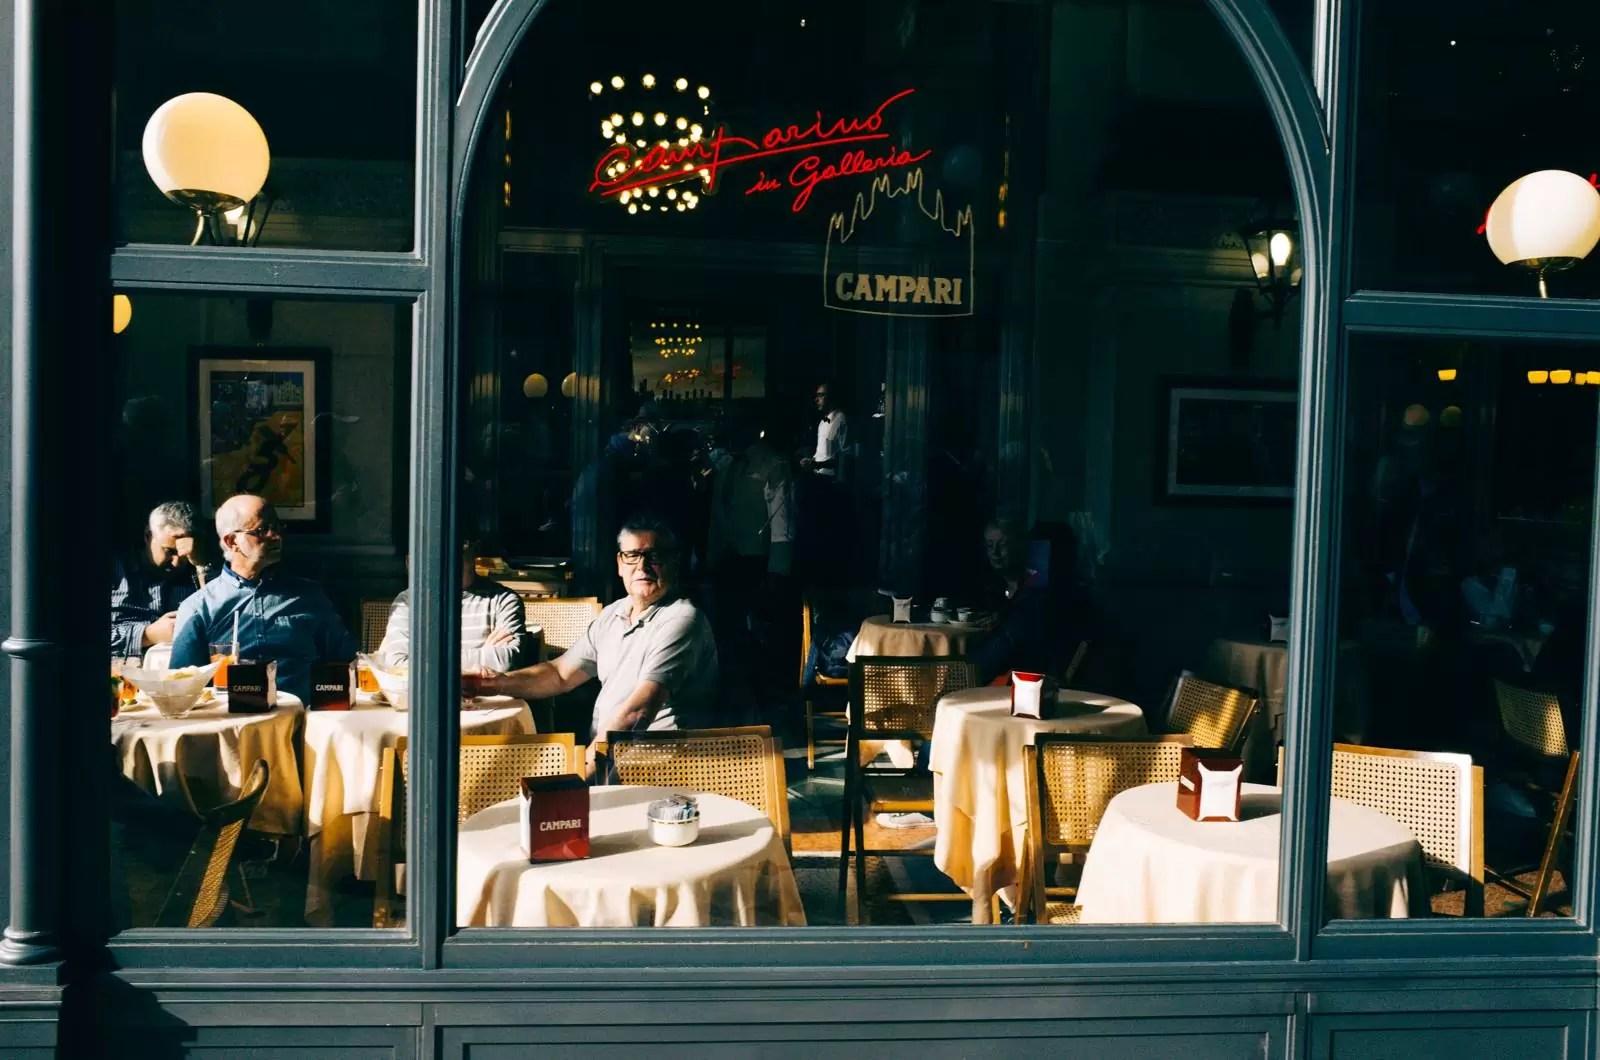 12496480 875833895863727 221719168564435132 o - Tutta colpa di Roland Barthes - considerazioni sulla street photography - fotostreet.it